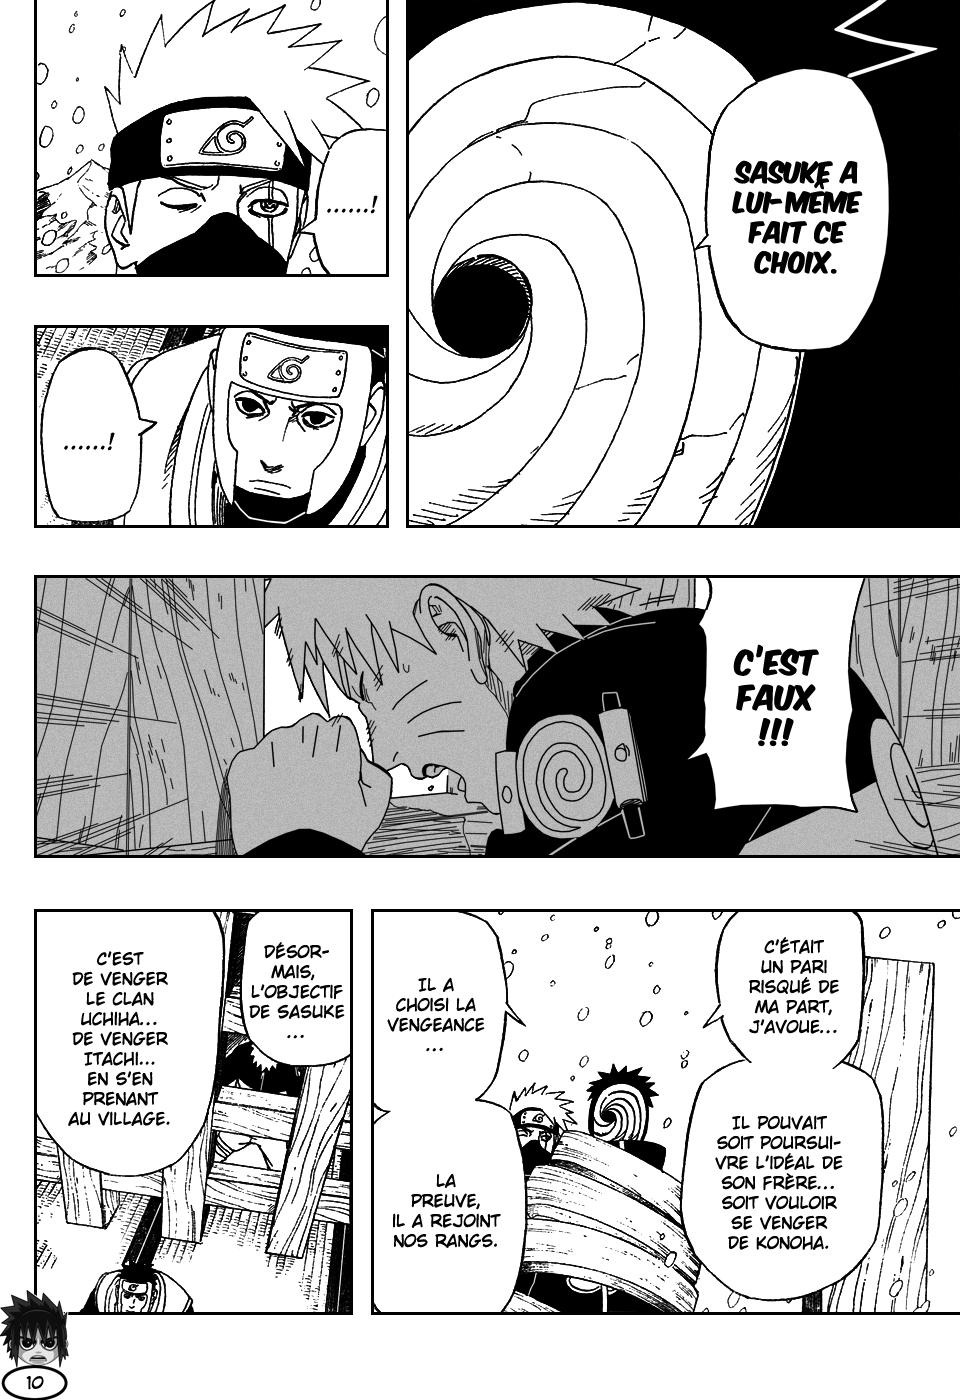 Naruto chapitre 462 - Page 10